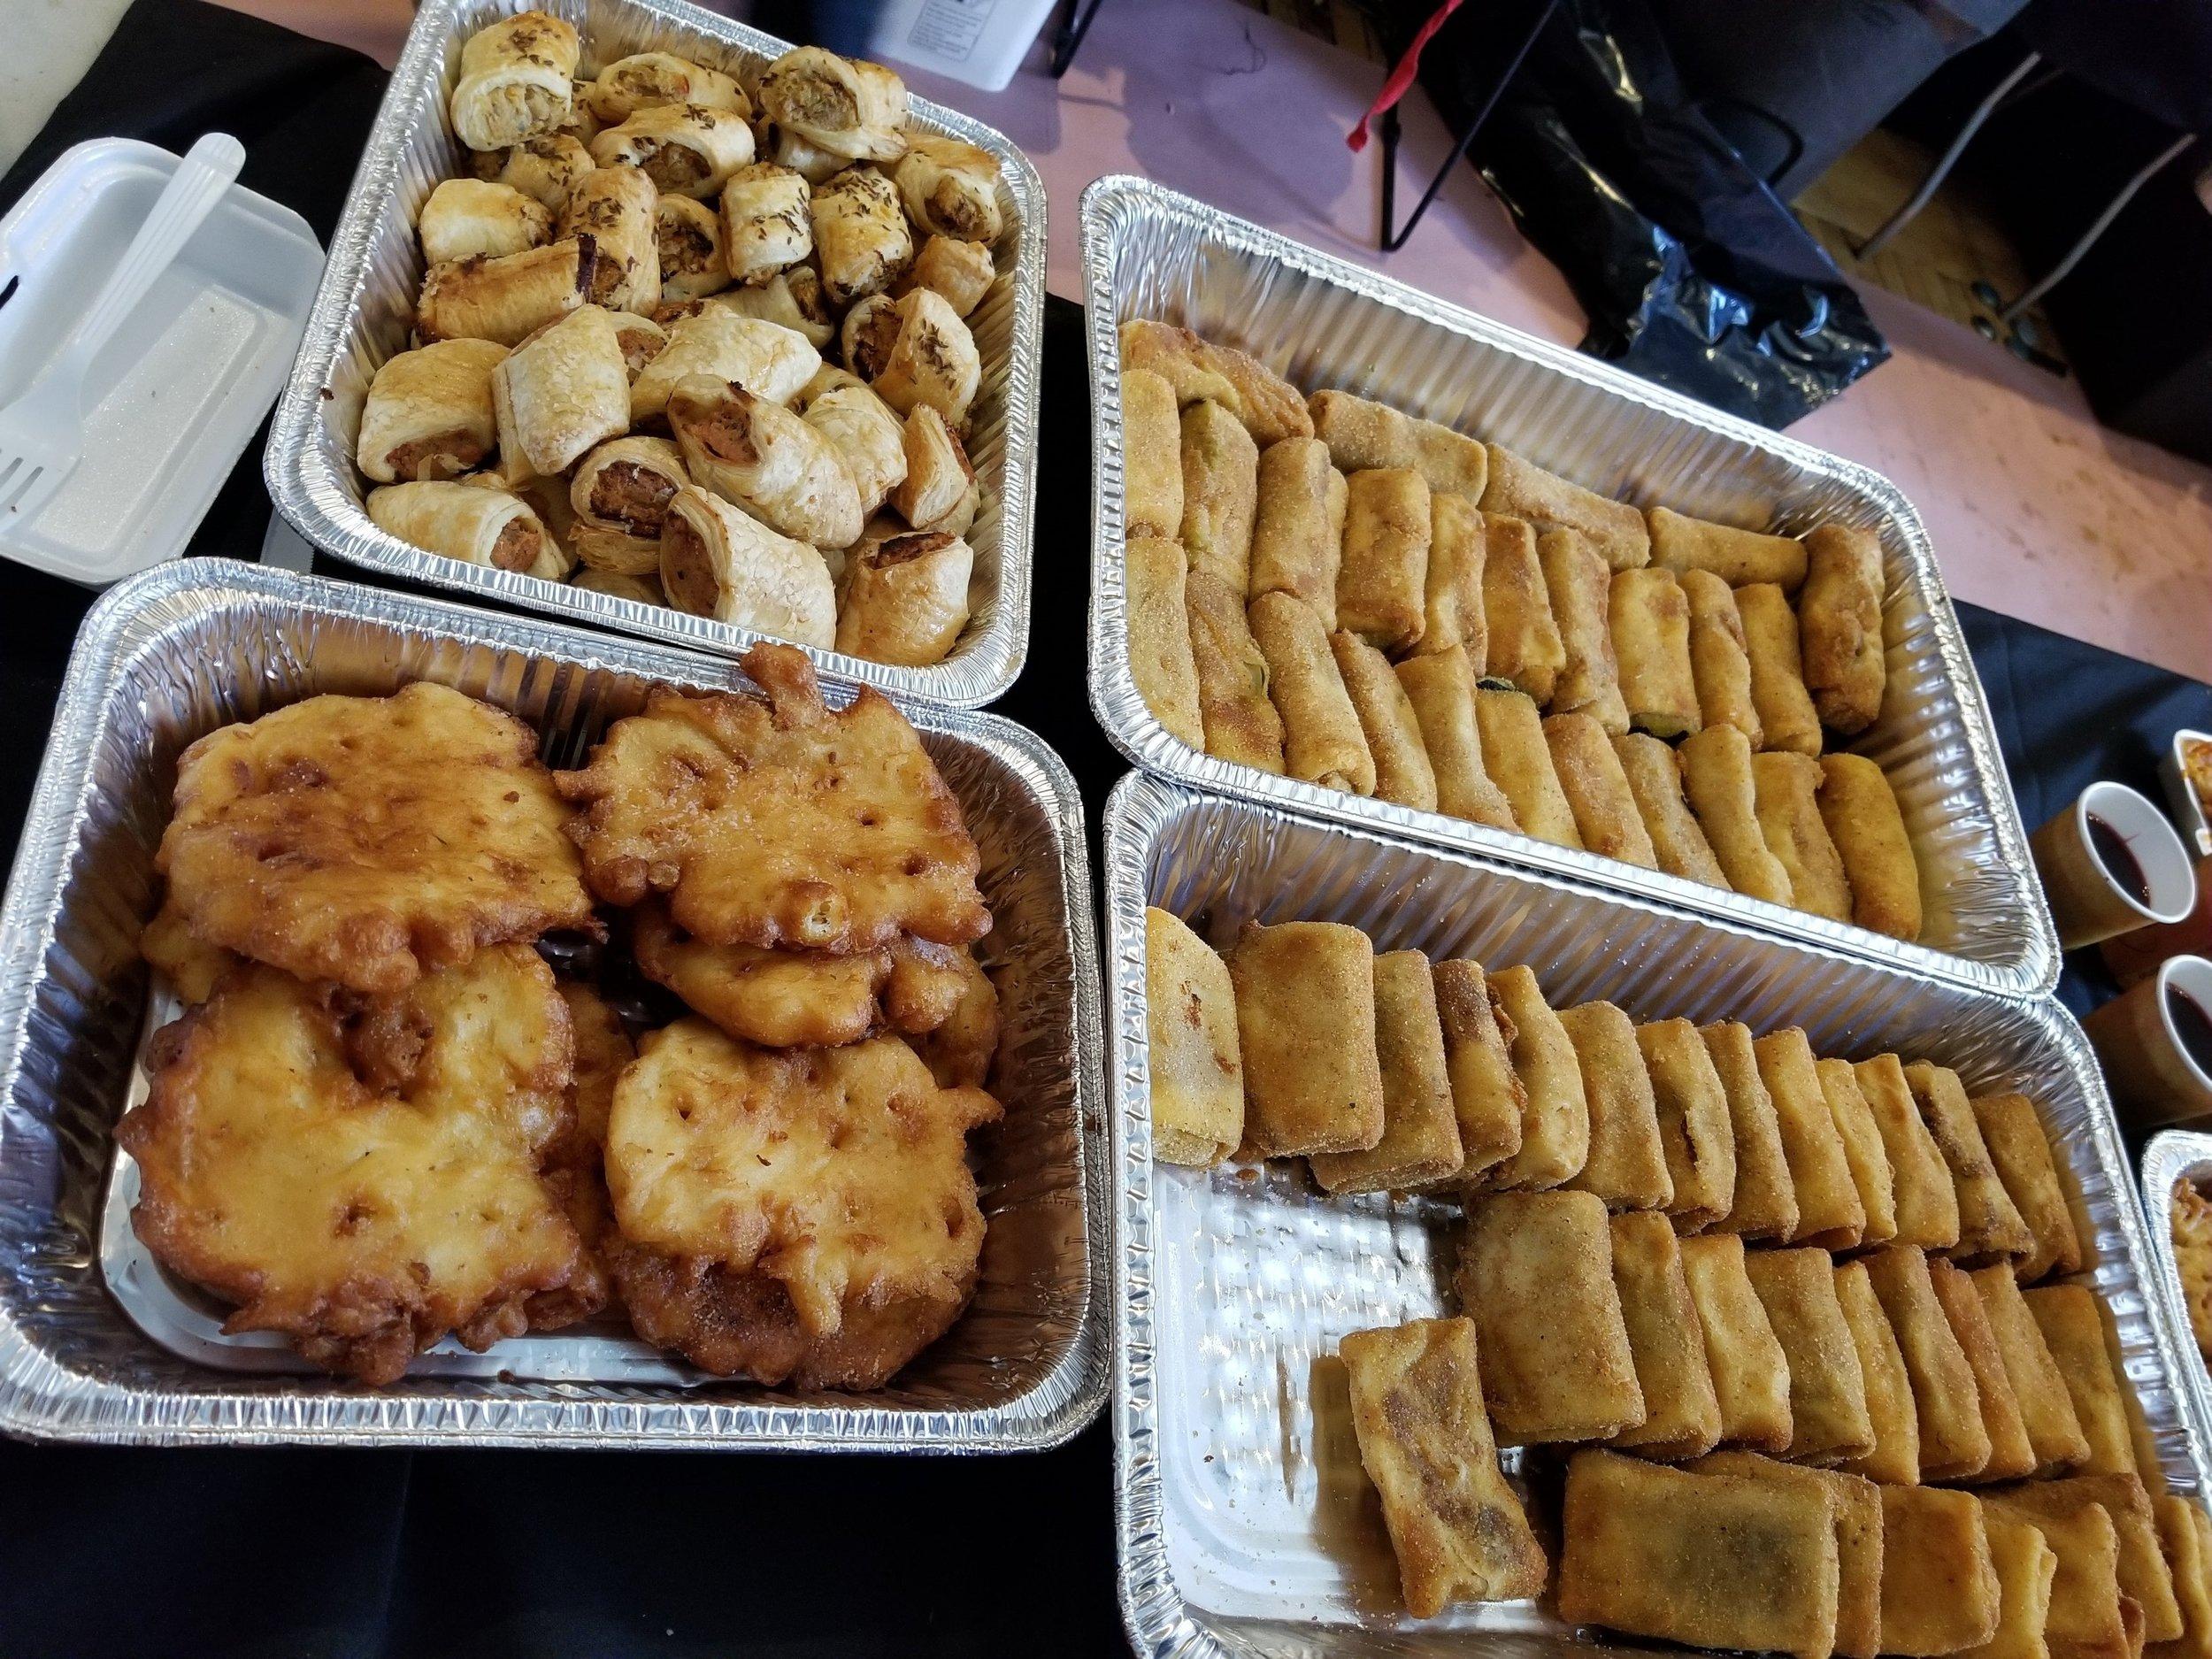 A plethora of Polish eats